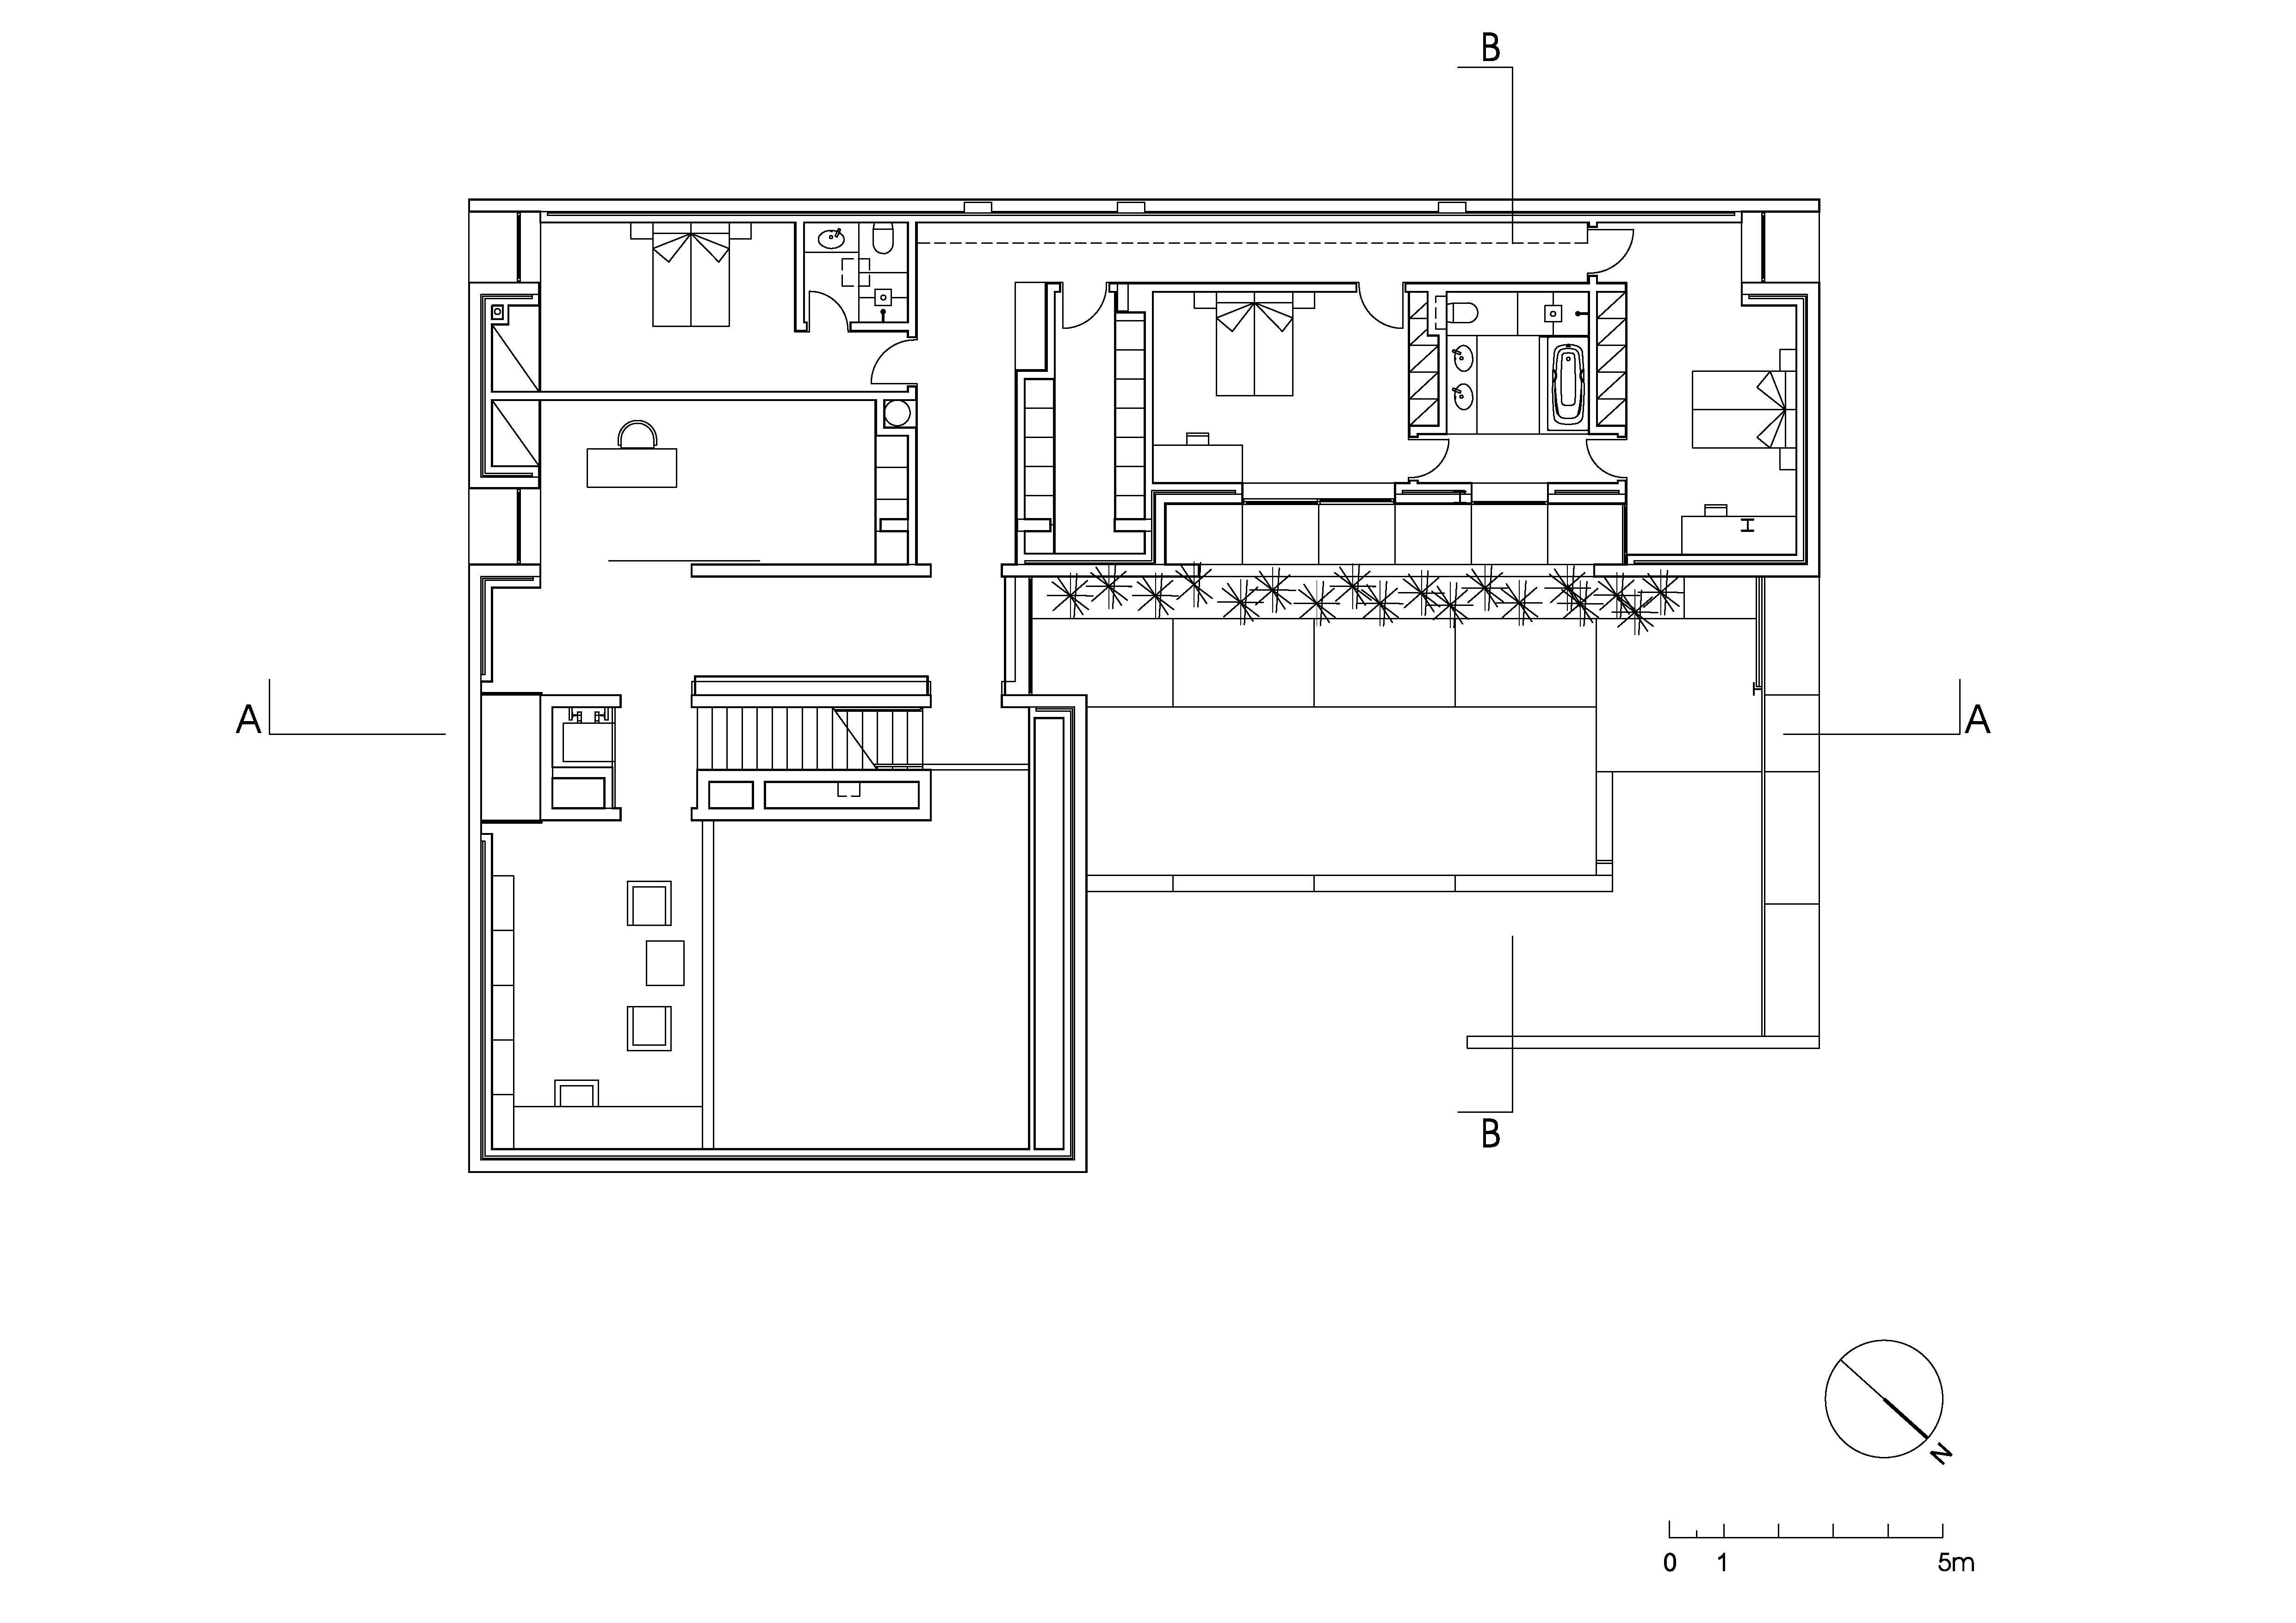 Pin plantas de casas com 1 quarto populares plantasdecasas for Atelier arquitectura